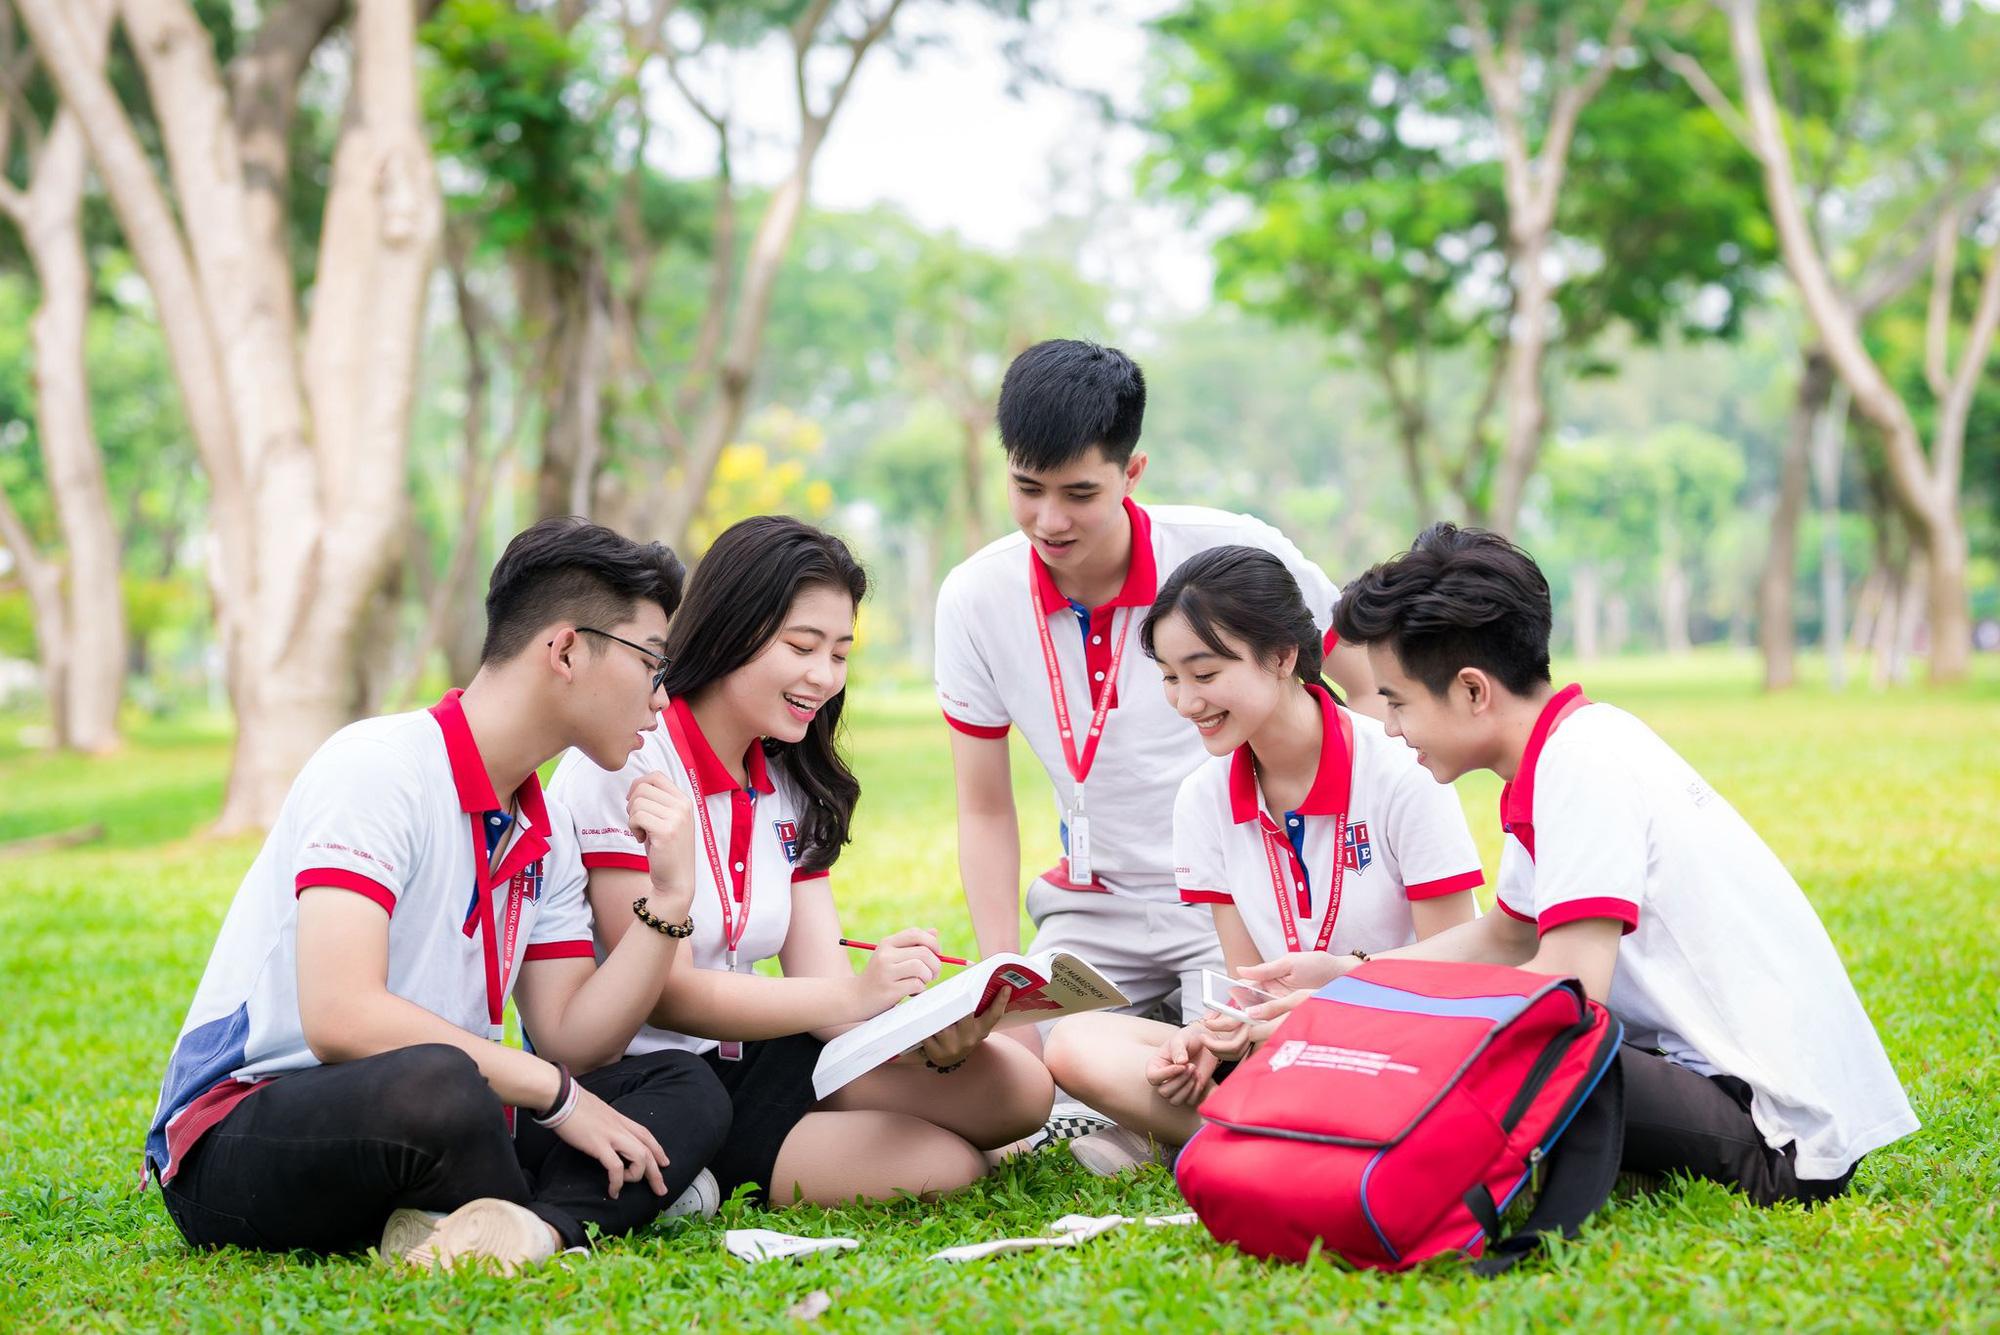 Nhận ngay học bổng 5 triệu đồng khi nhập học trước 14/09 tại Trường Đại học Nguyễn Tất Thành - Ảnh 3.